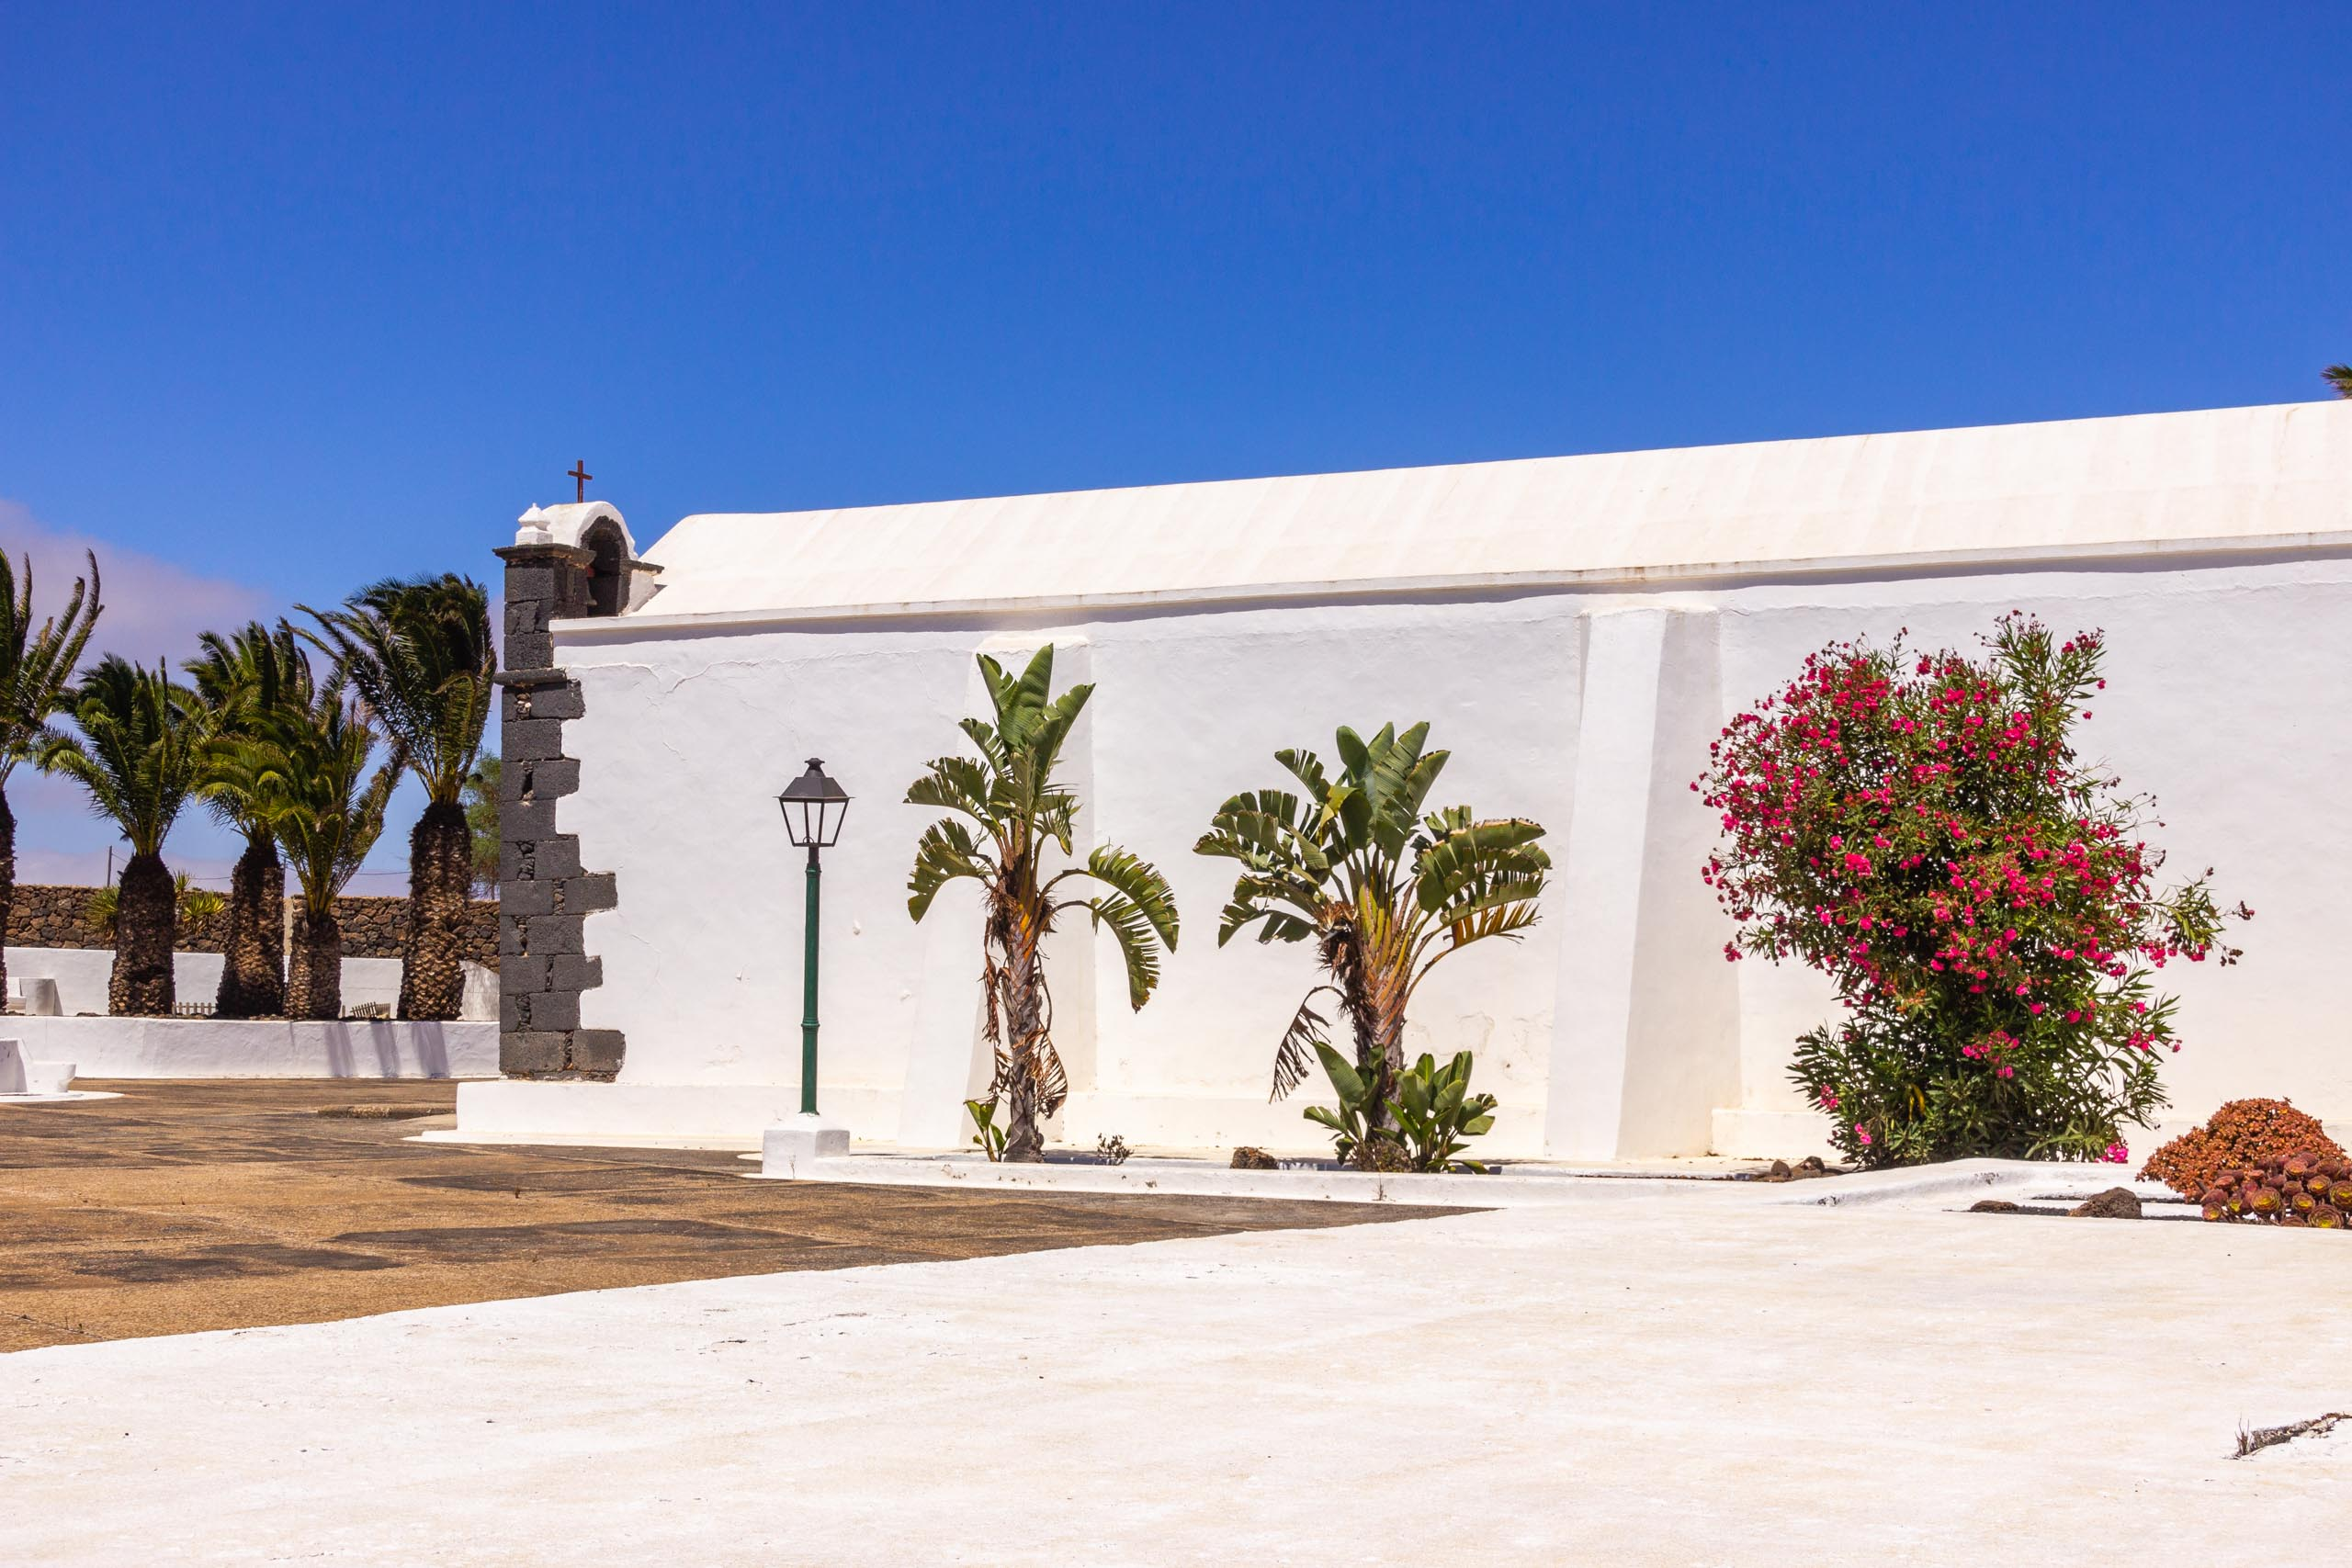 2016 09 Lanzarote TeseguiteTheChurch 004